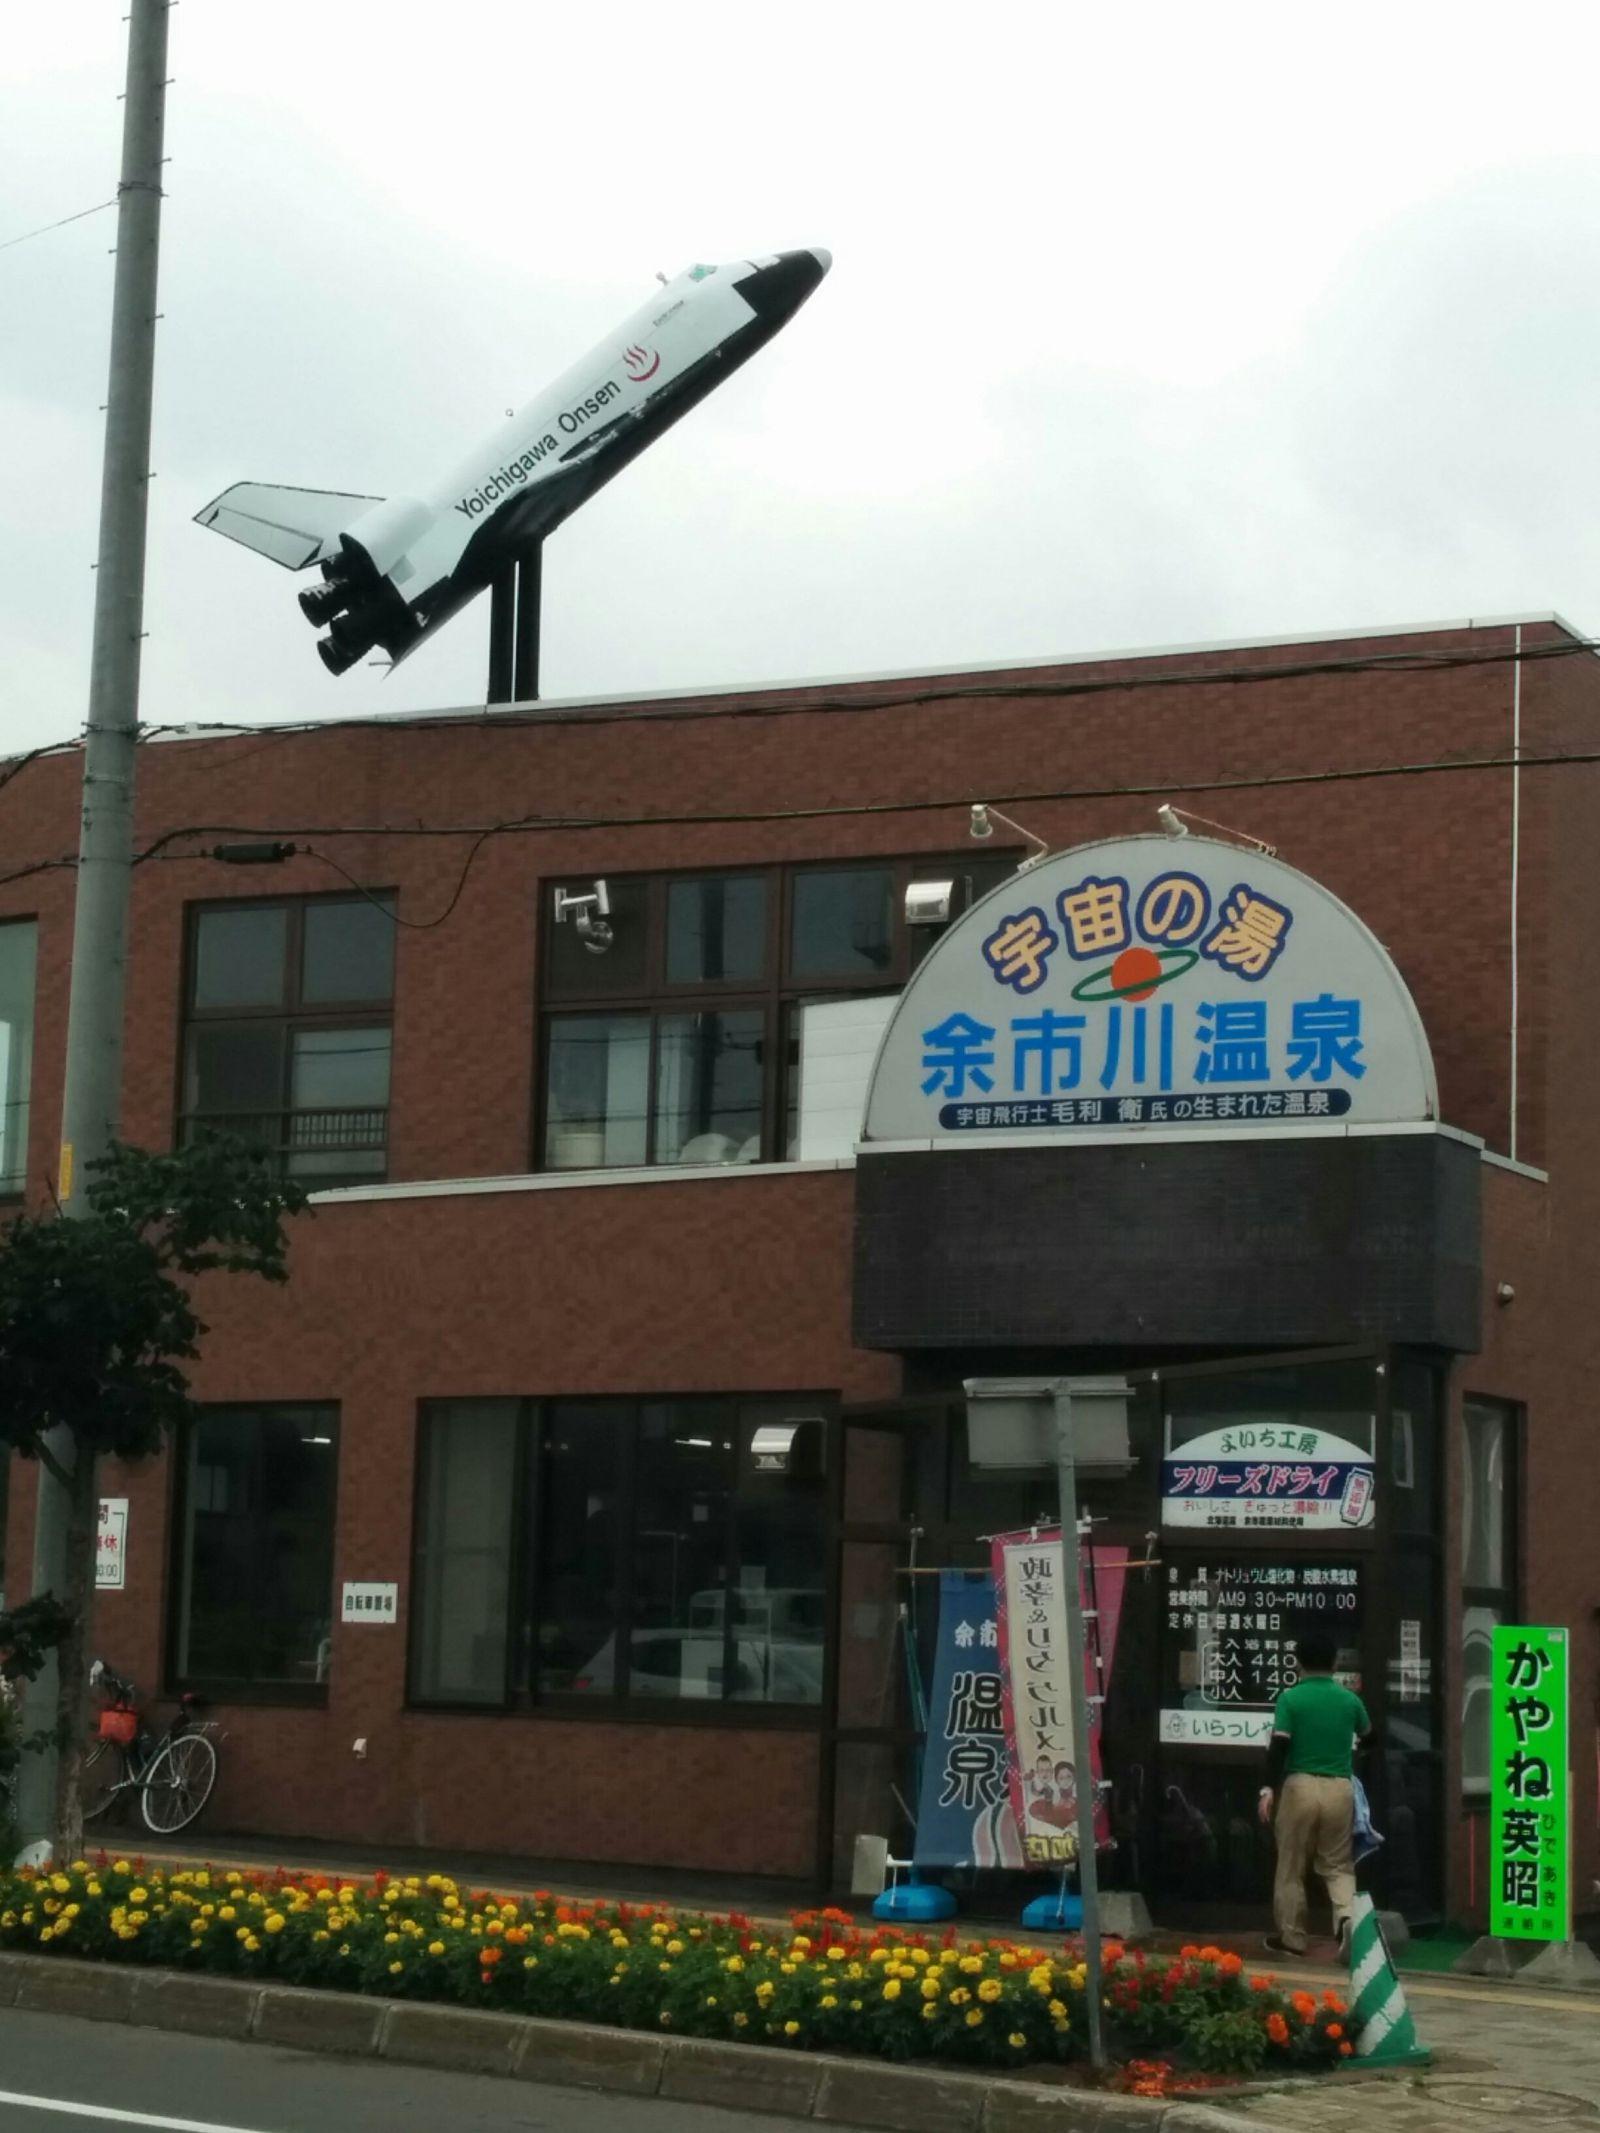 【積丹半島~余市~小樽観光タクシー】